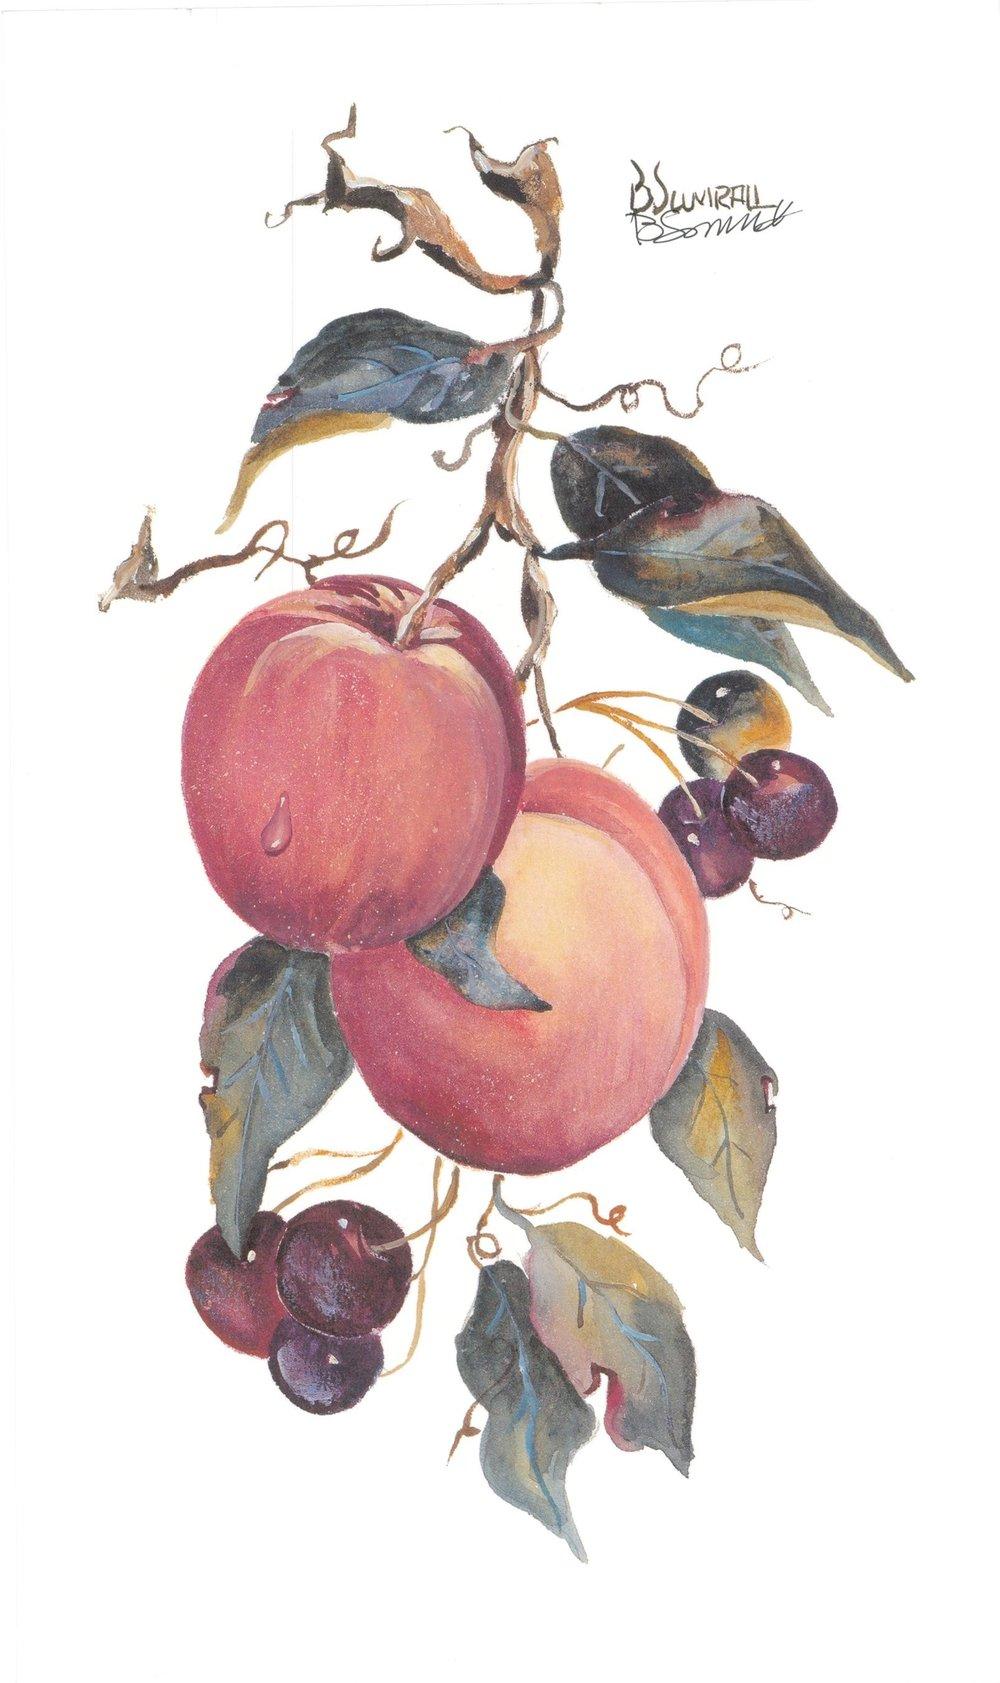 Peaches (S) By Sumrall 20.5cm (w) x 34 (h)  Image 20.5cm (w) x 34 (h)  Paper.jpg